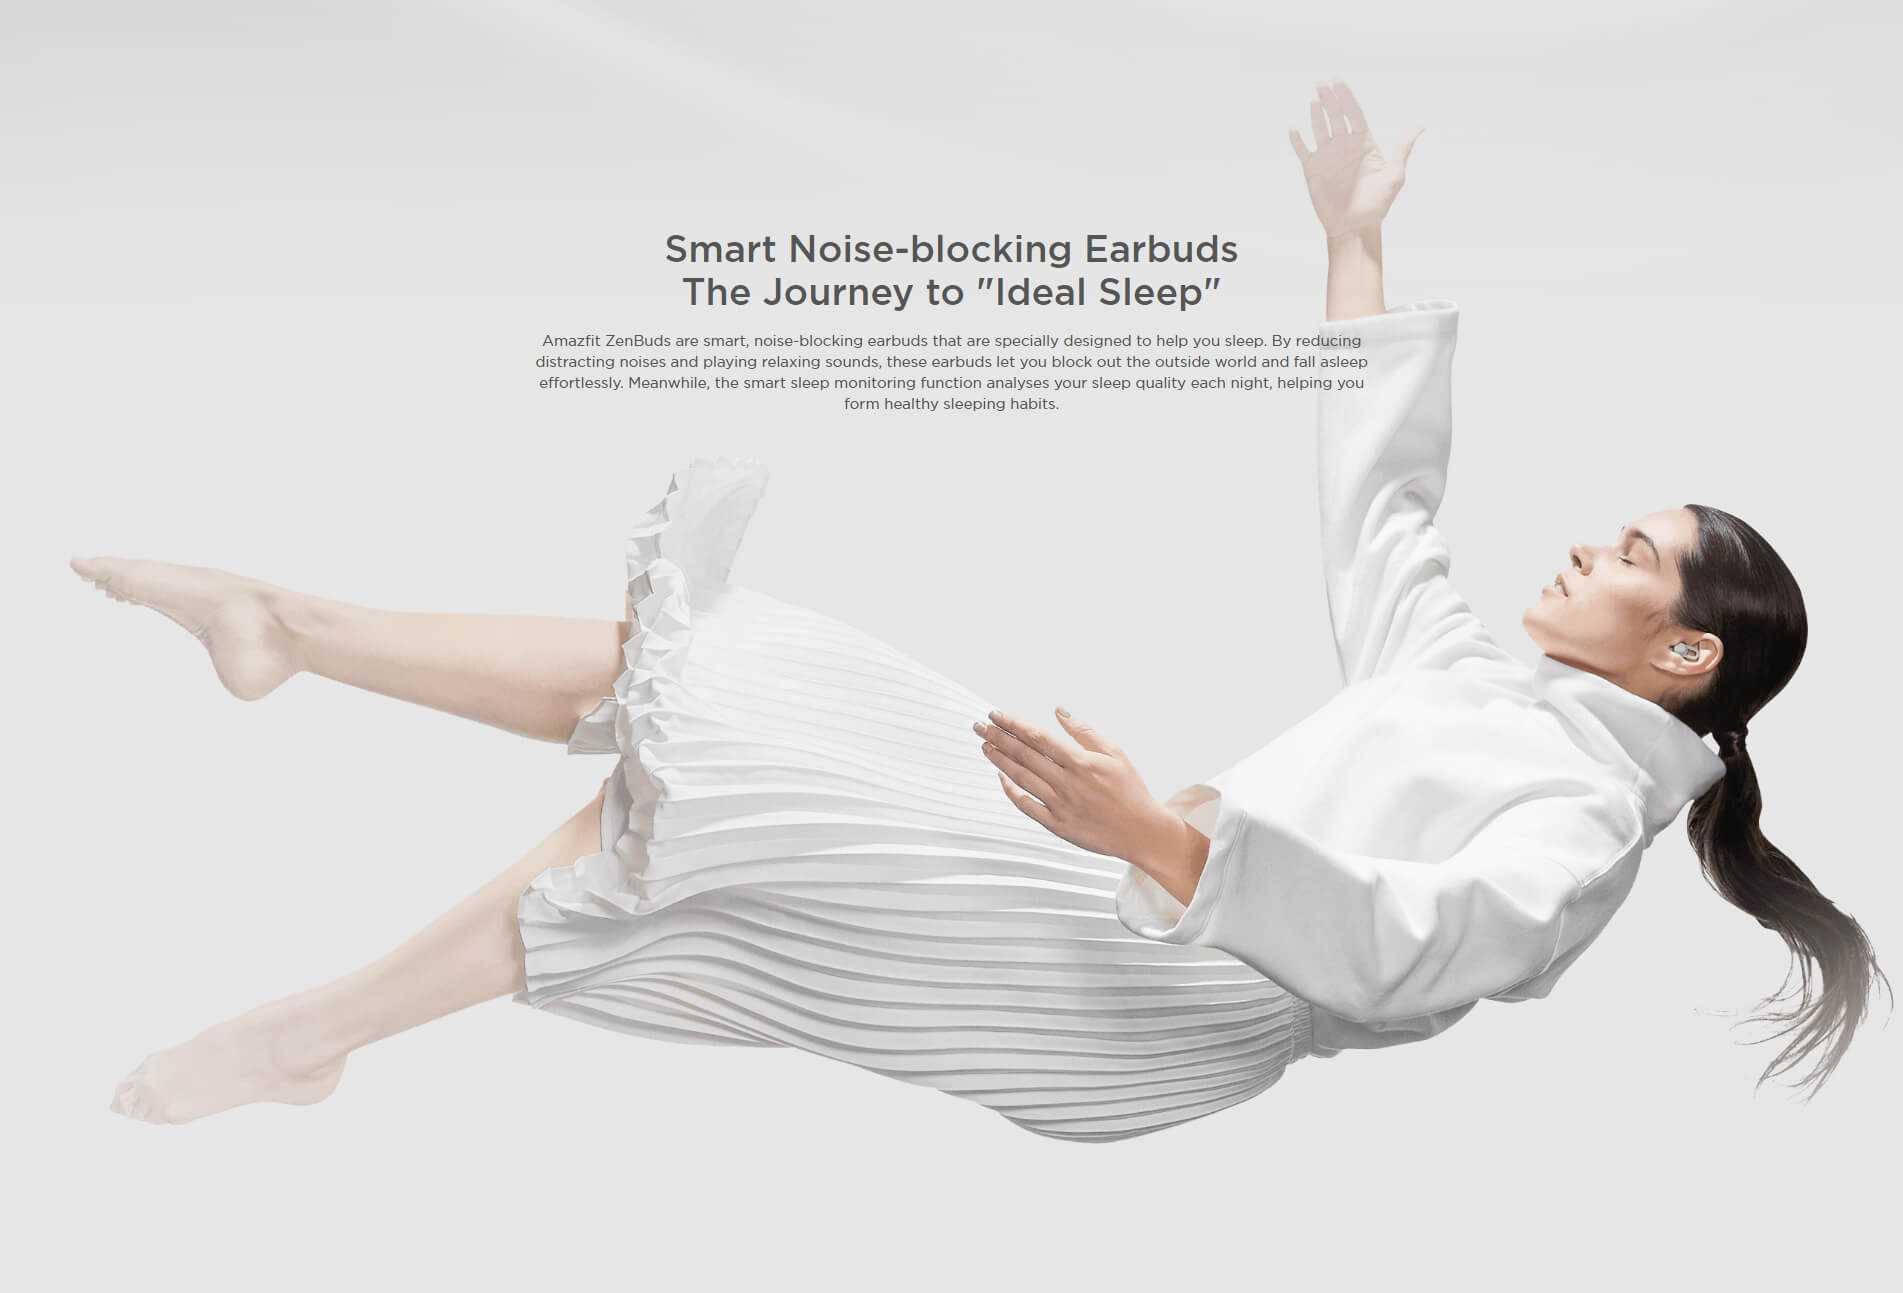 Amazfit ZenBuds Smart Noise-blocking Earbuds Wholesale